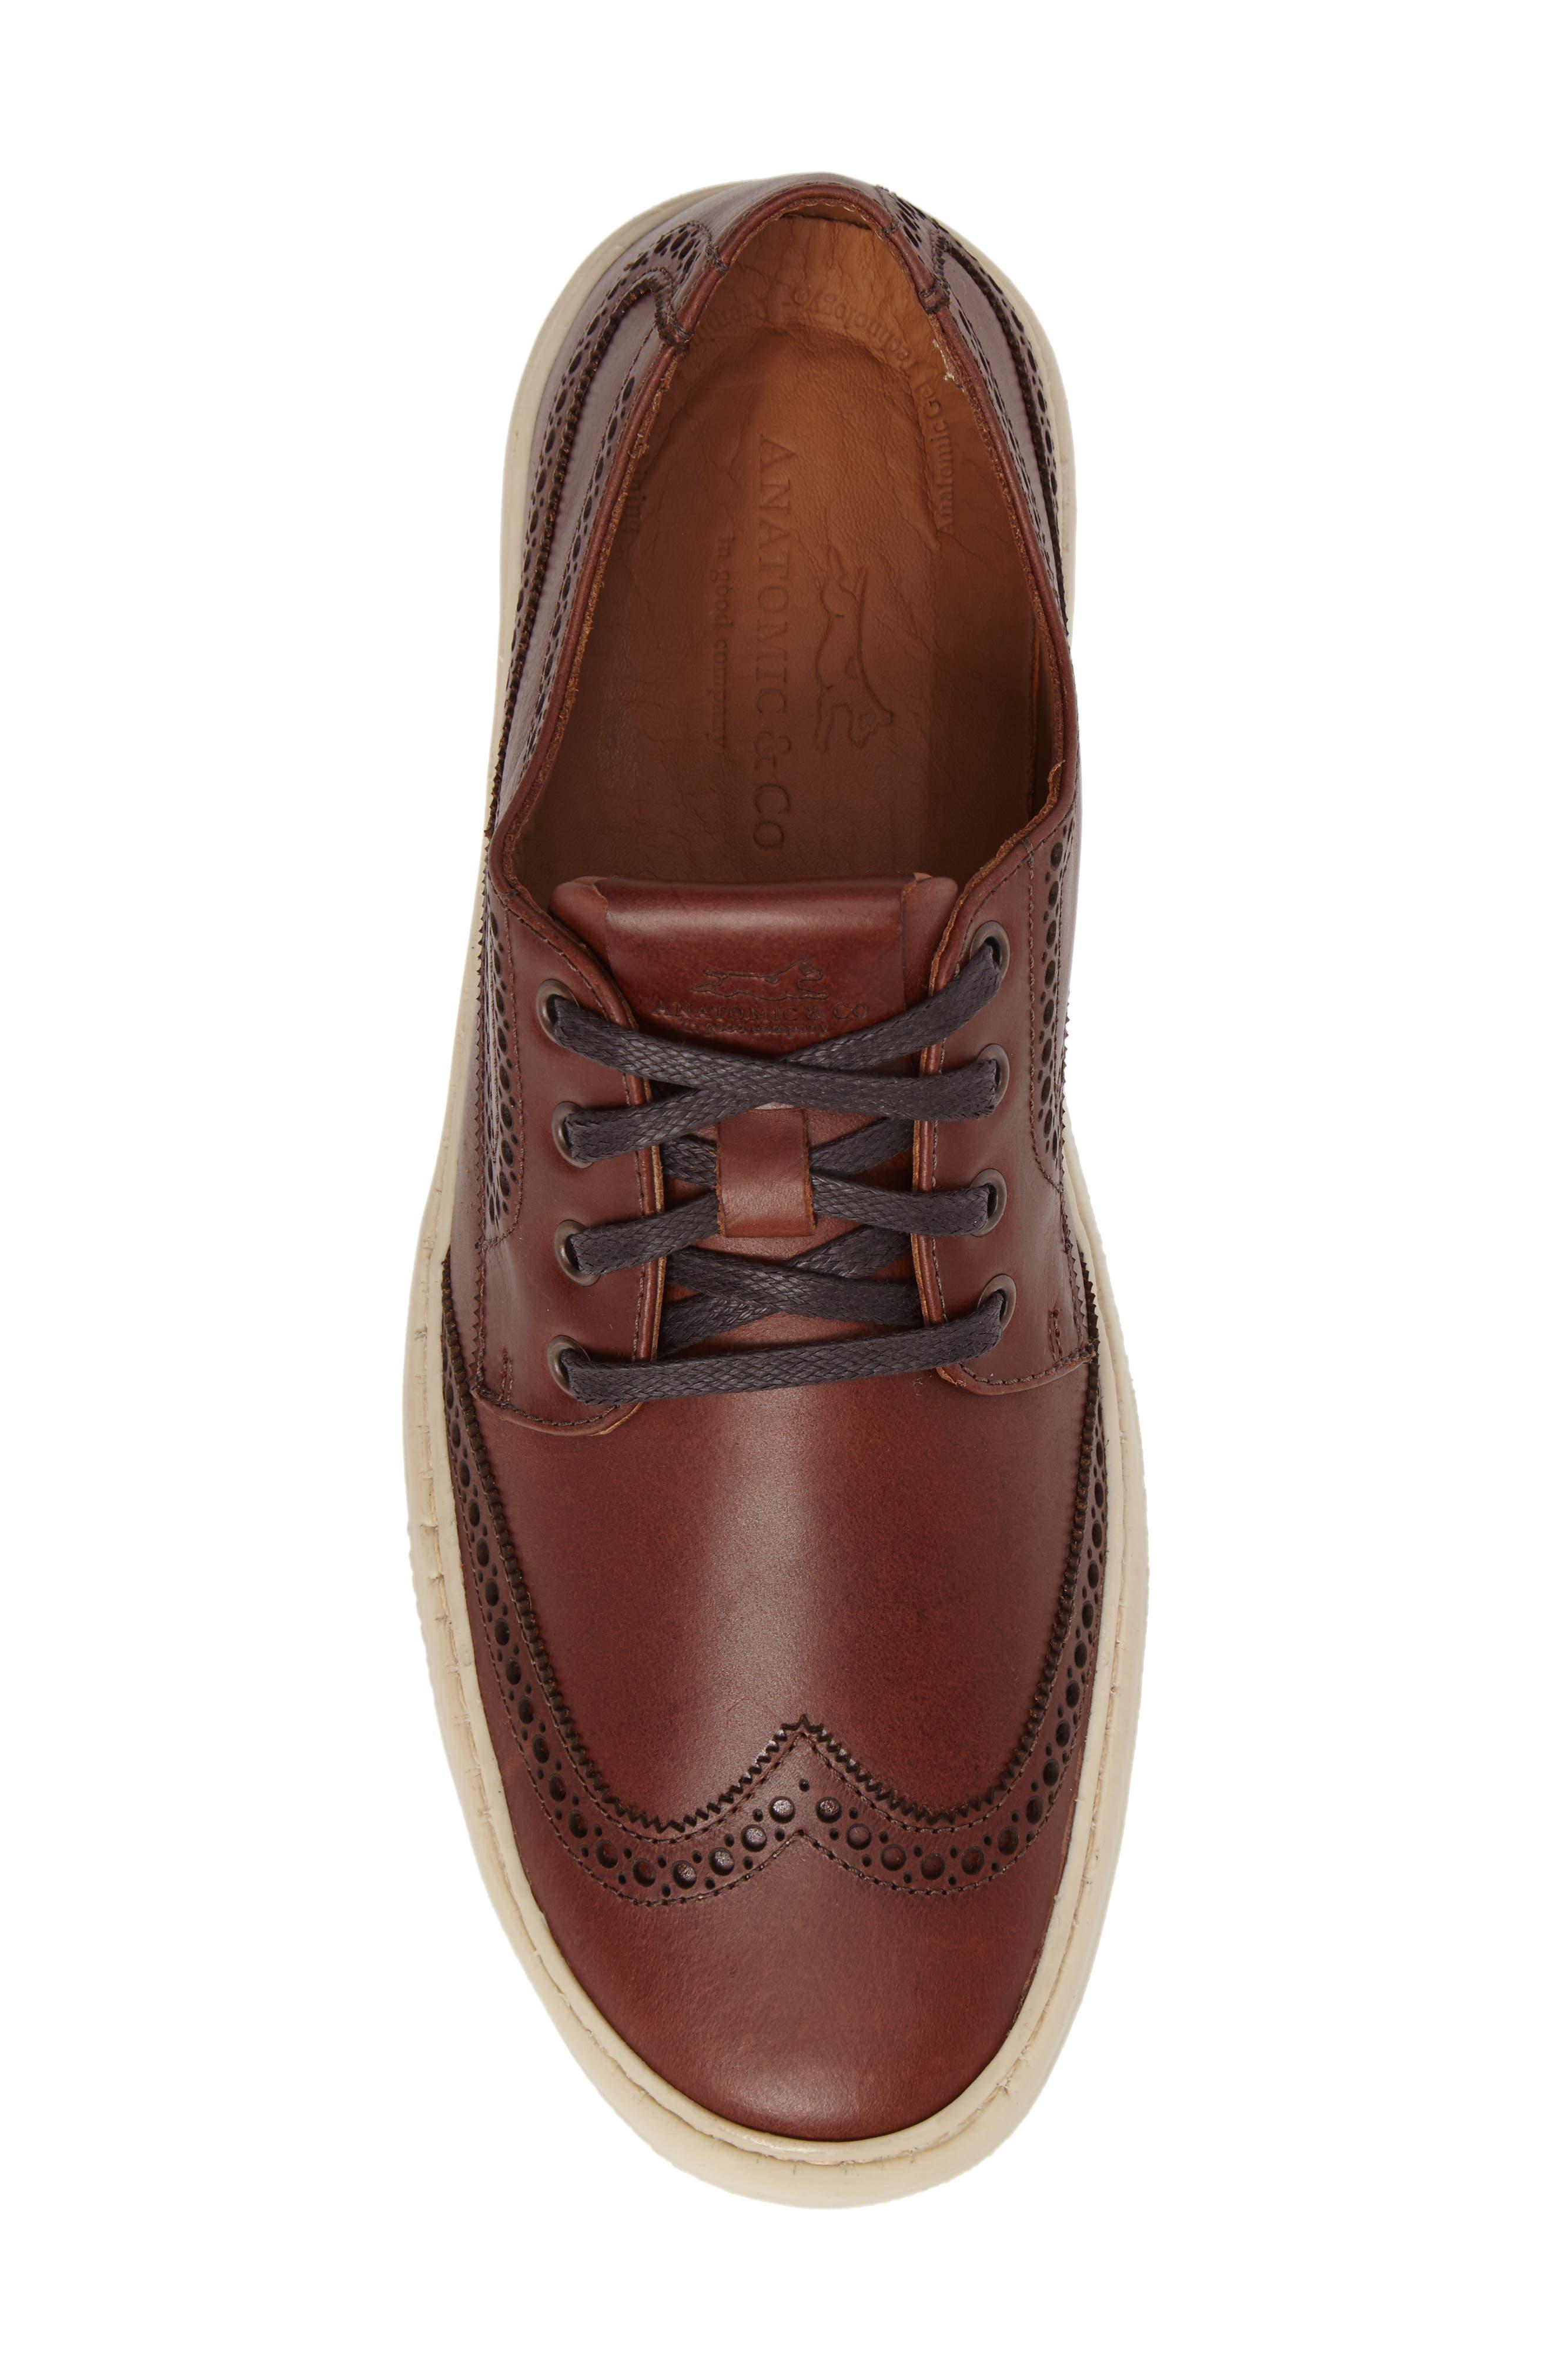 Bariri Wingtip Sneaker,                             Alternate thumbnail 5, color,                             200